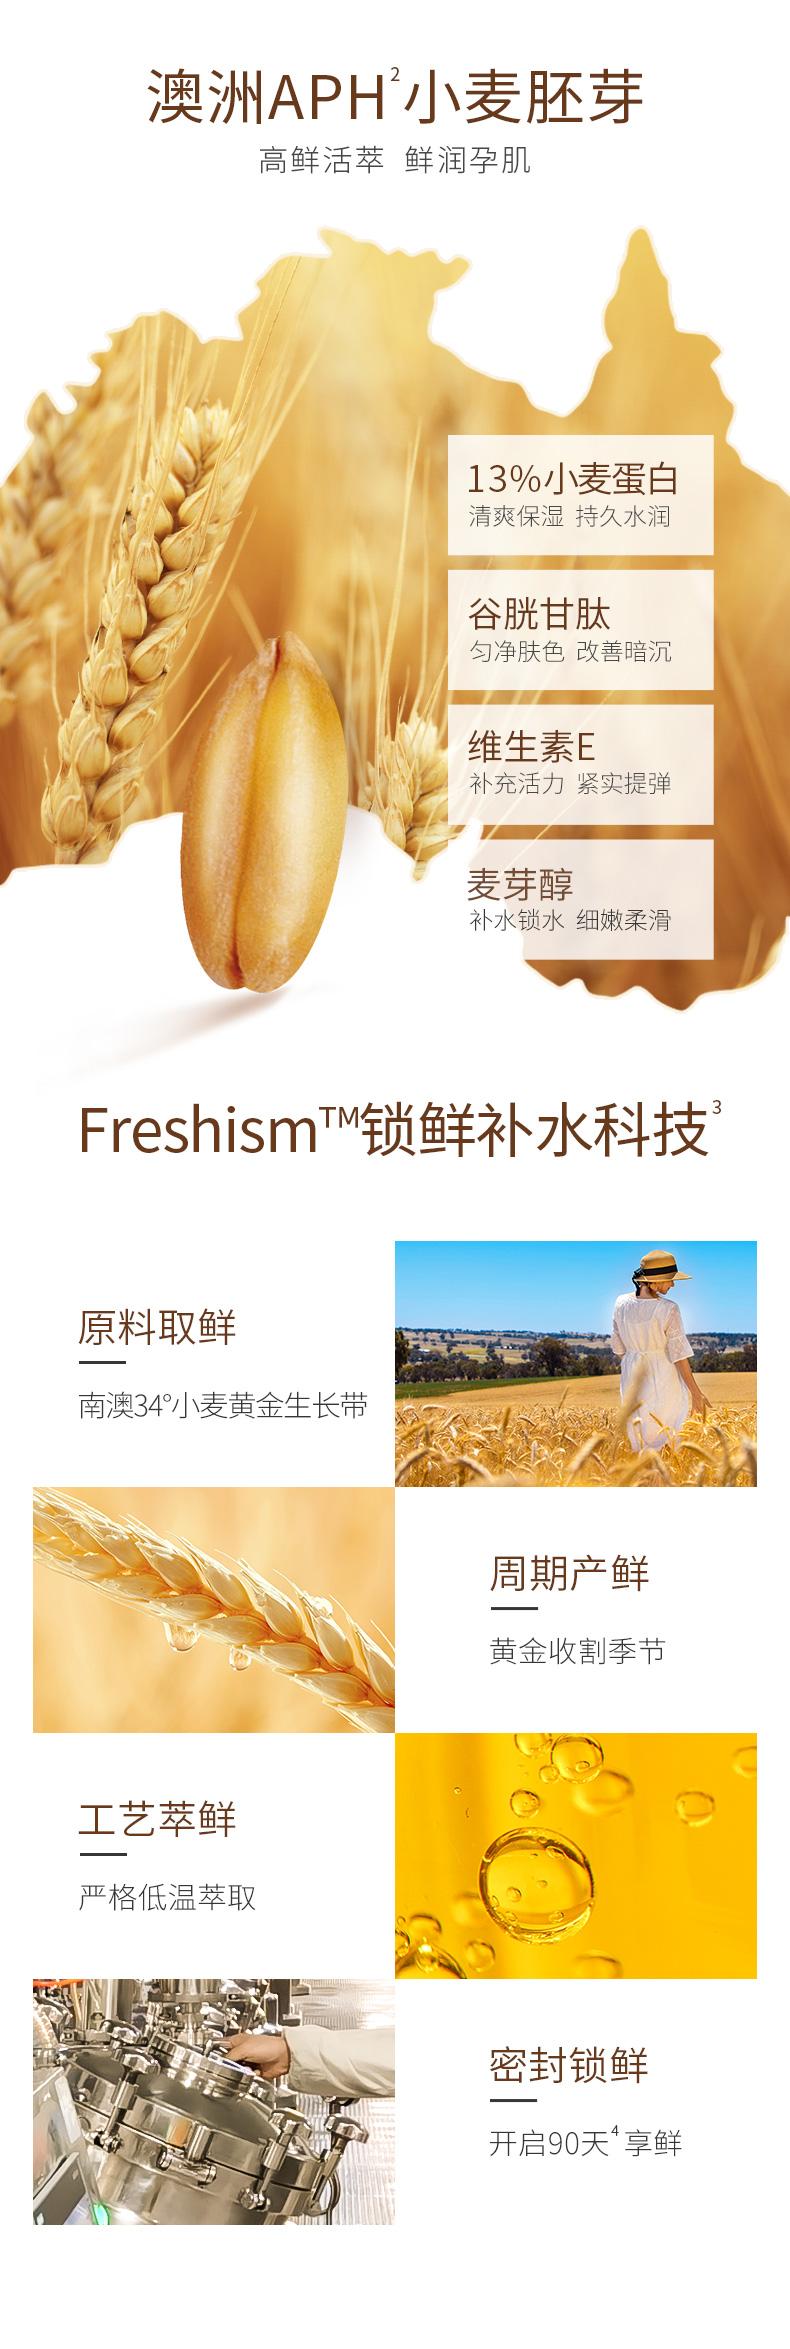 小麦通栏.jpg